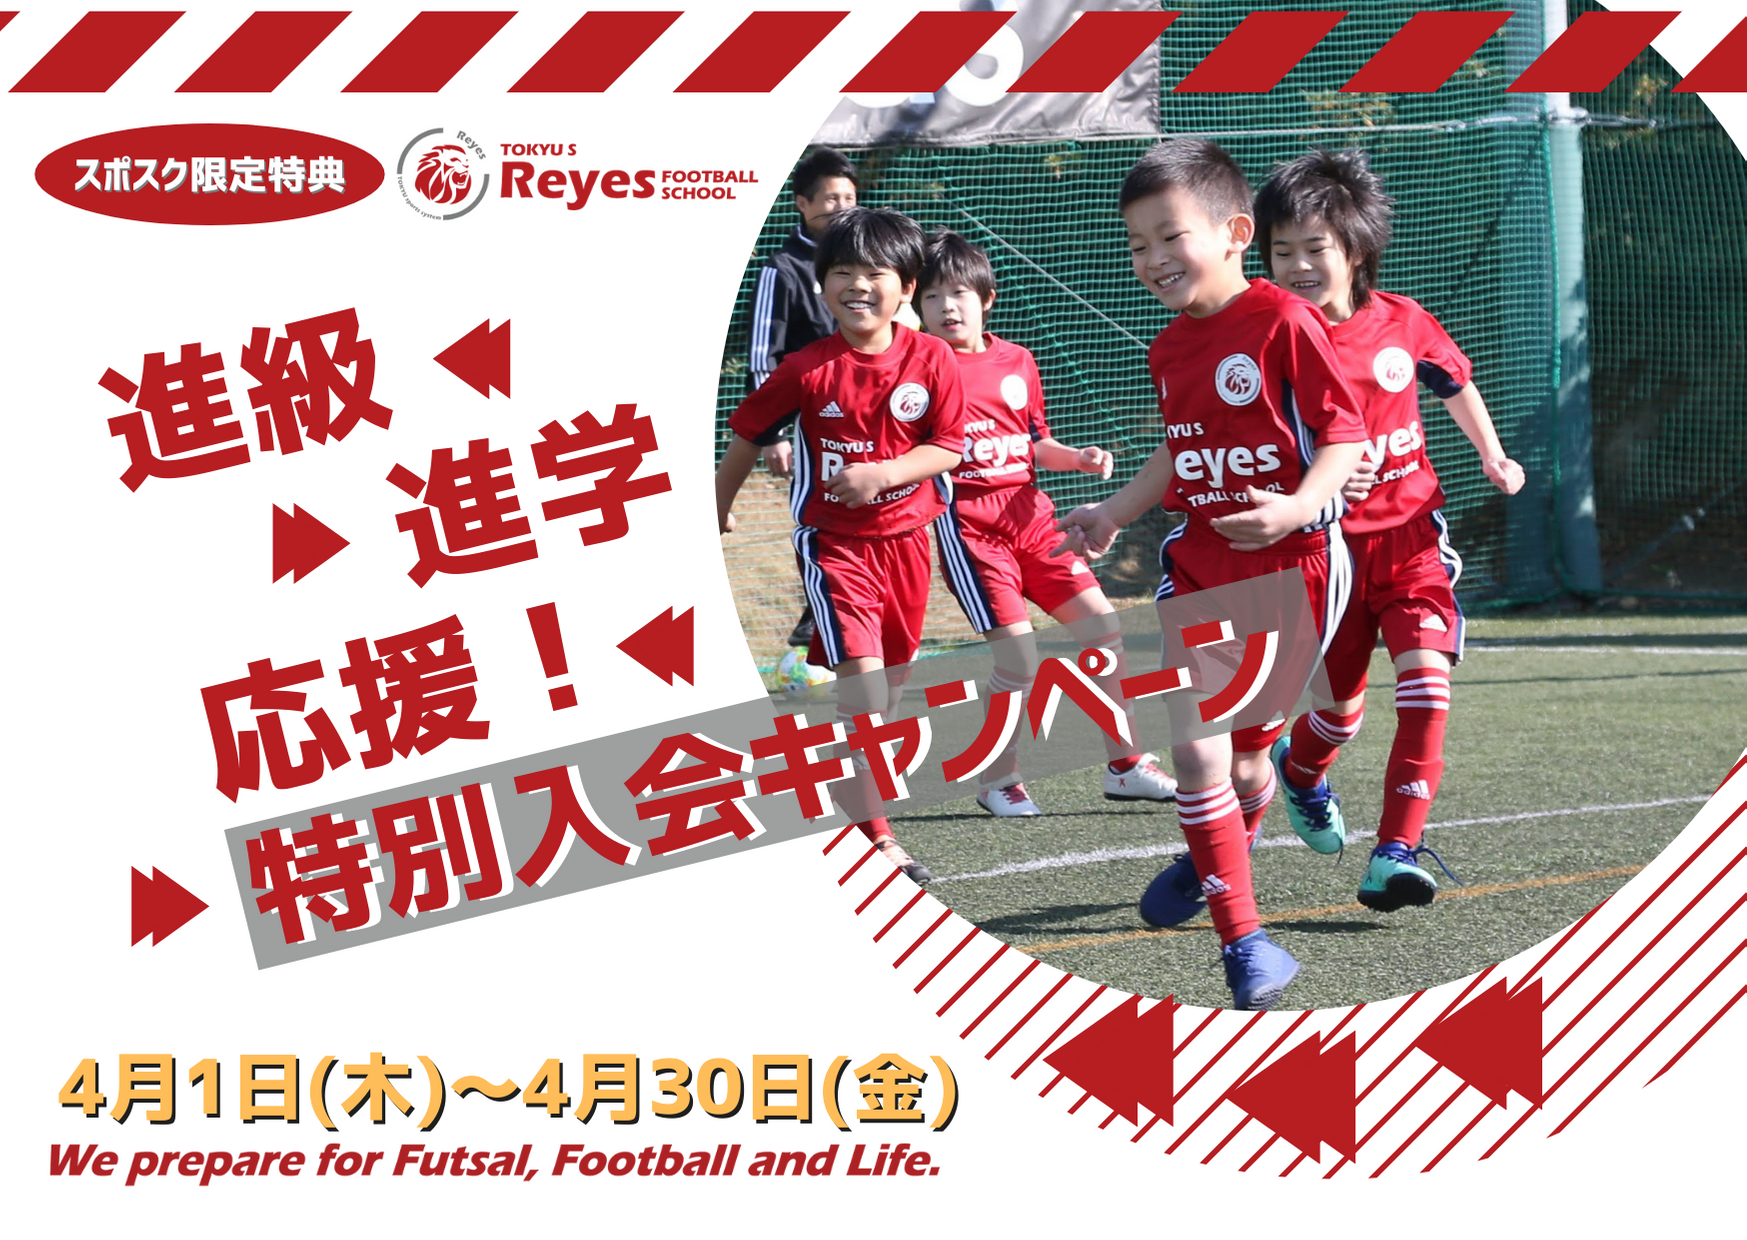 進級・進学応援!特別入会キャンペーン